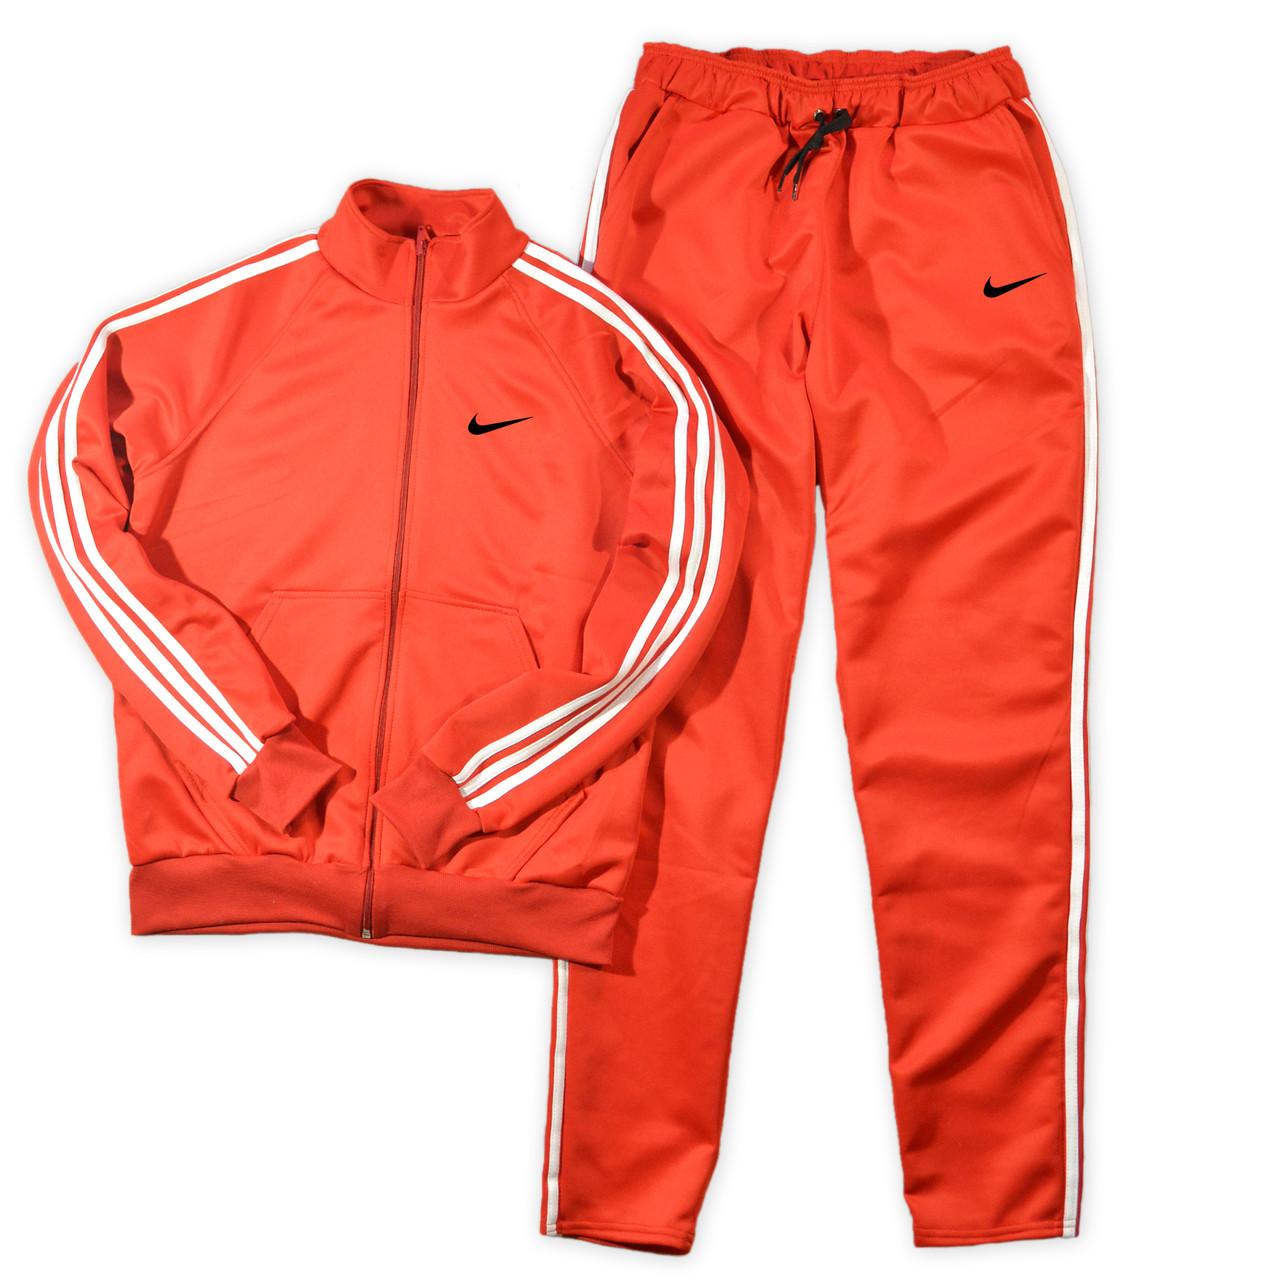 Чоловічий спортивний костюм Nike (Найк)